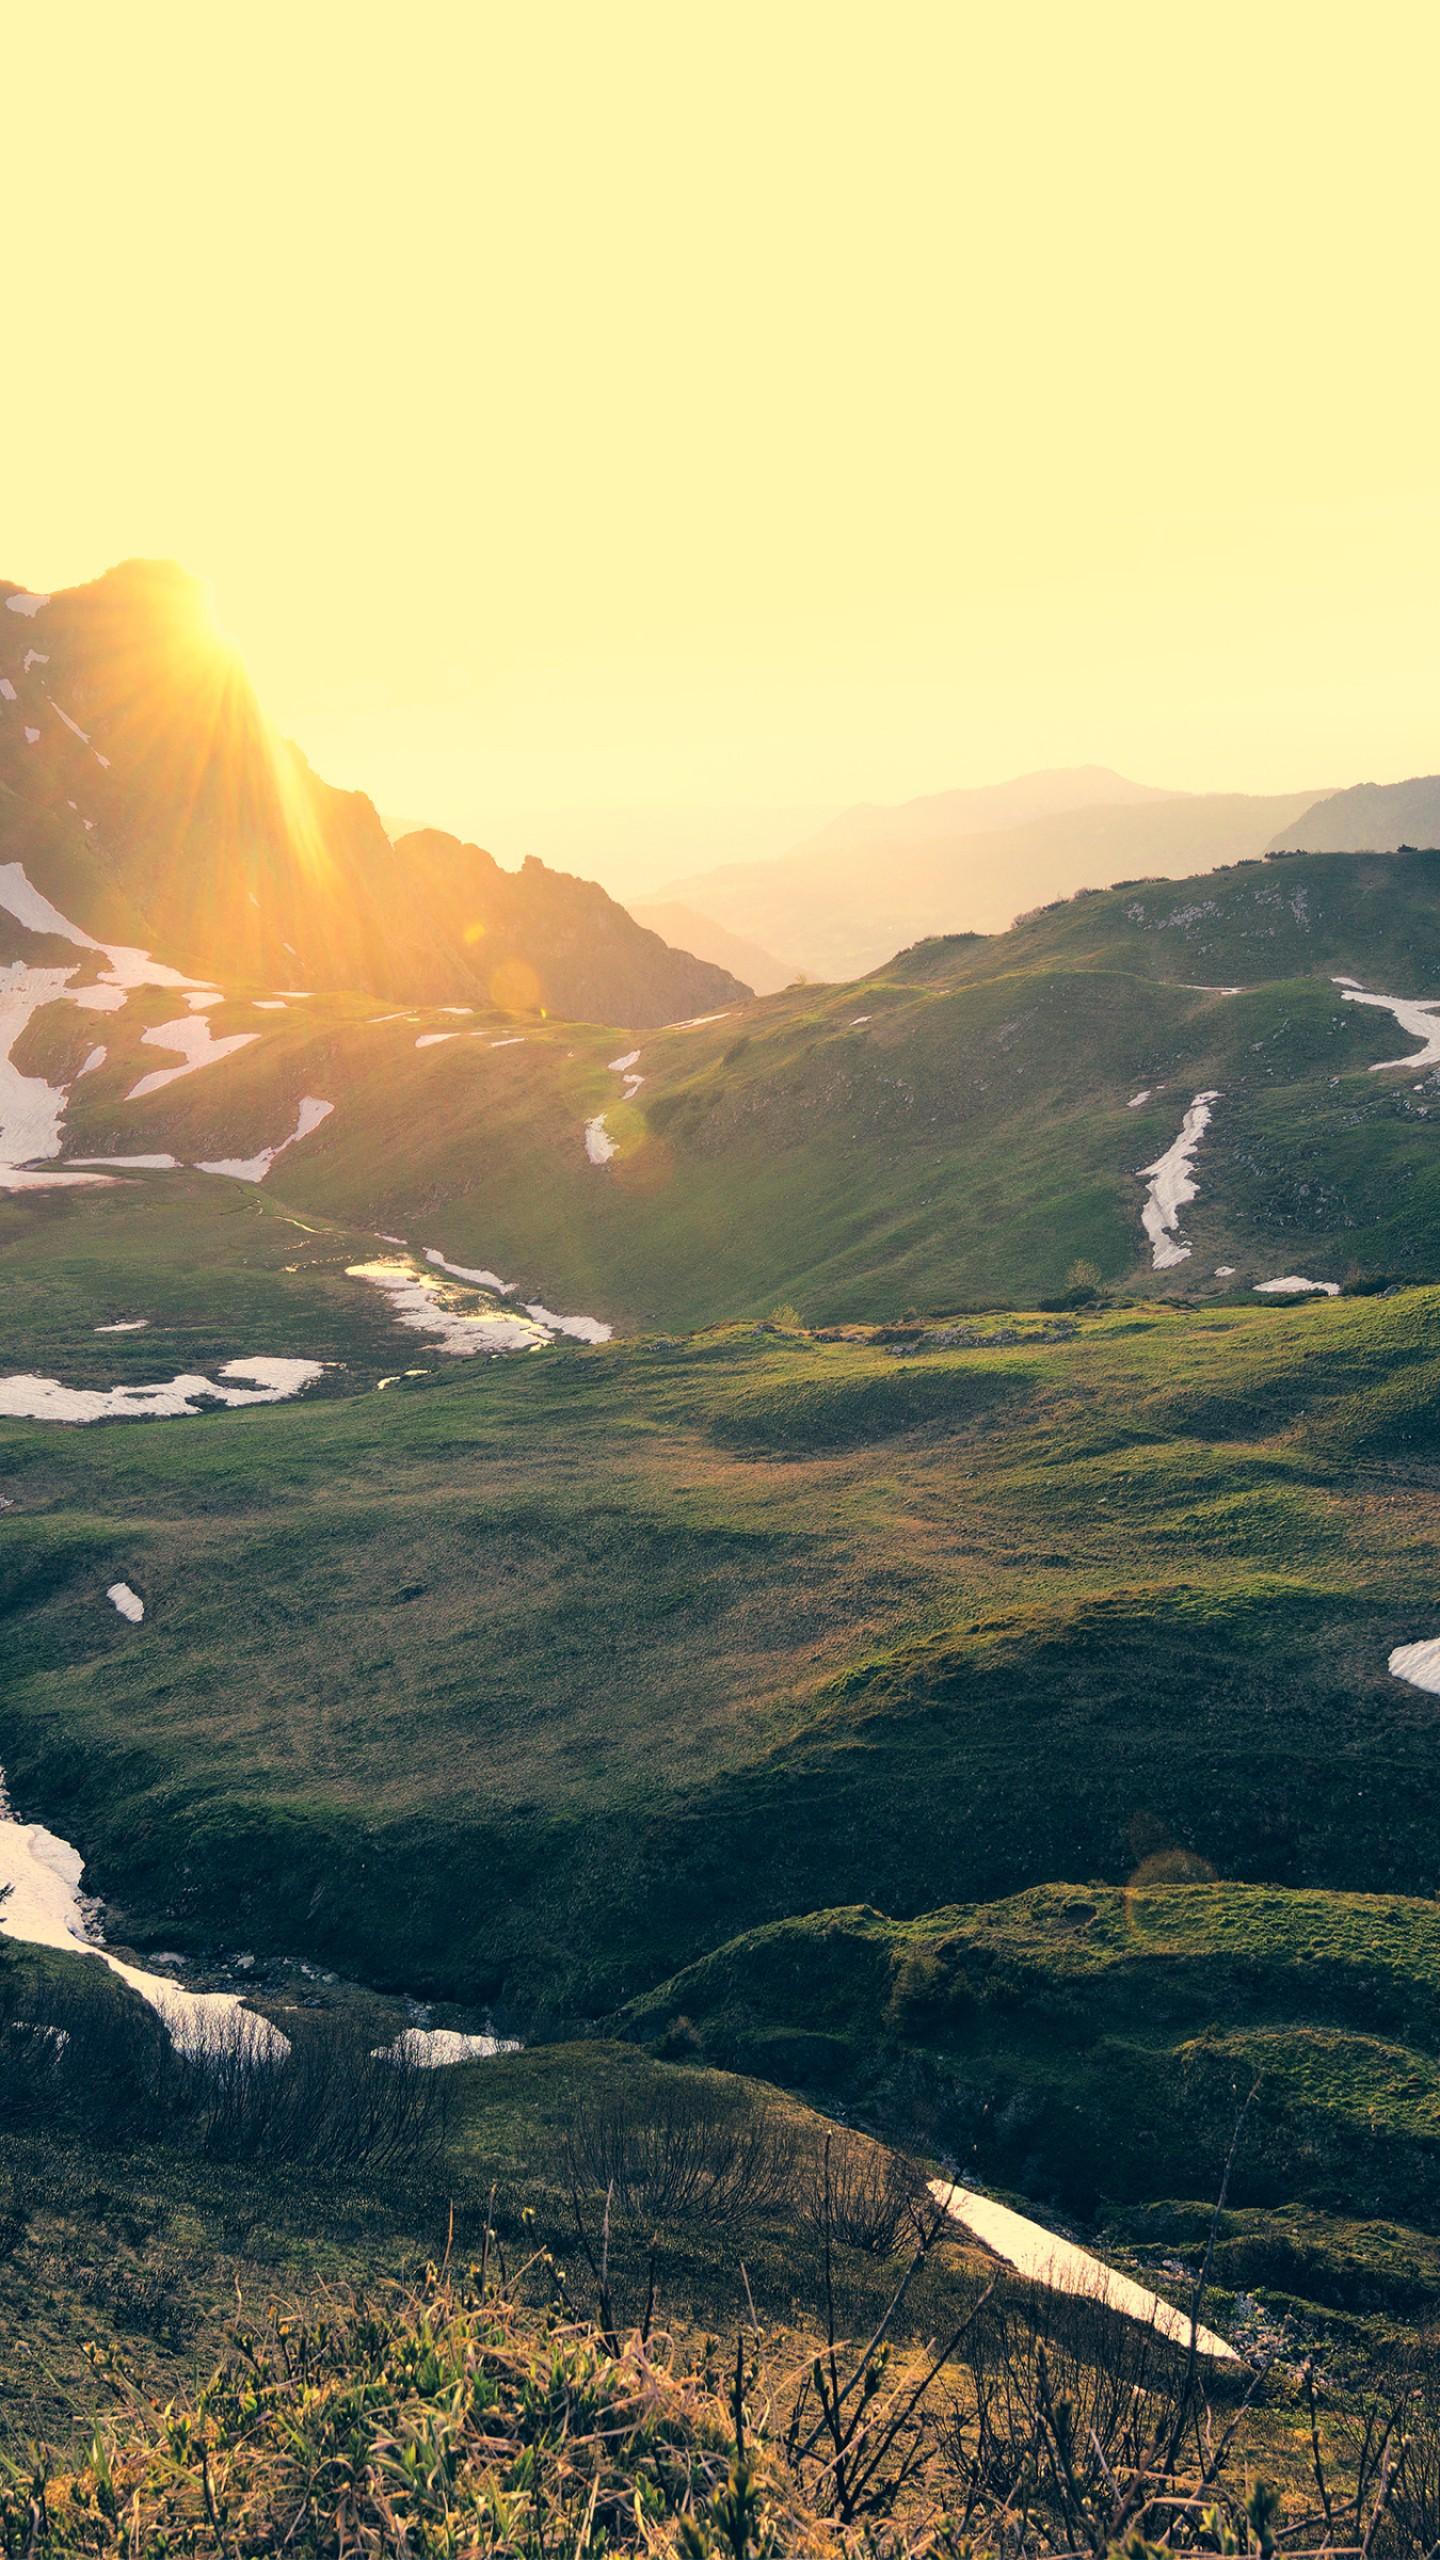 عکس زمینه غروب در کوه های آلپ آلمان 4K طبیعت پس زمینه